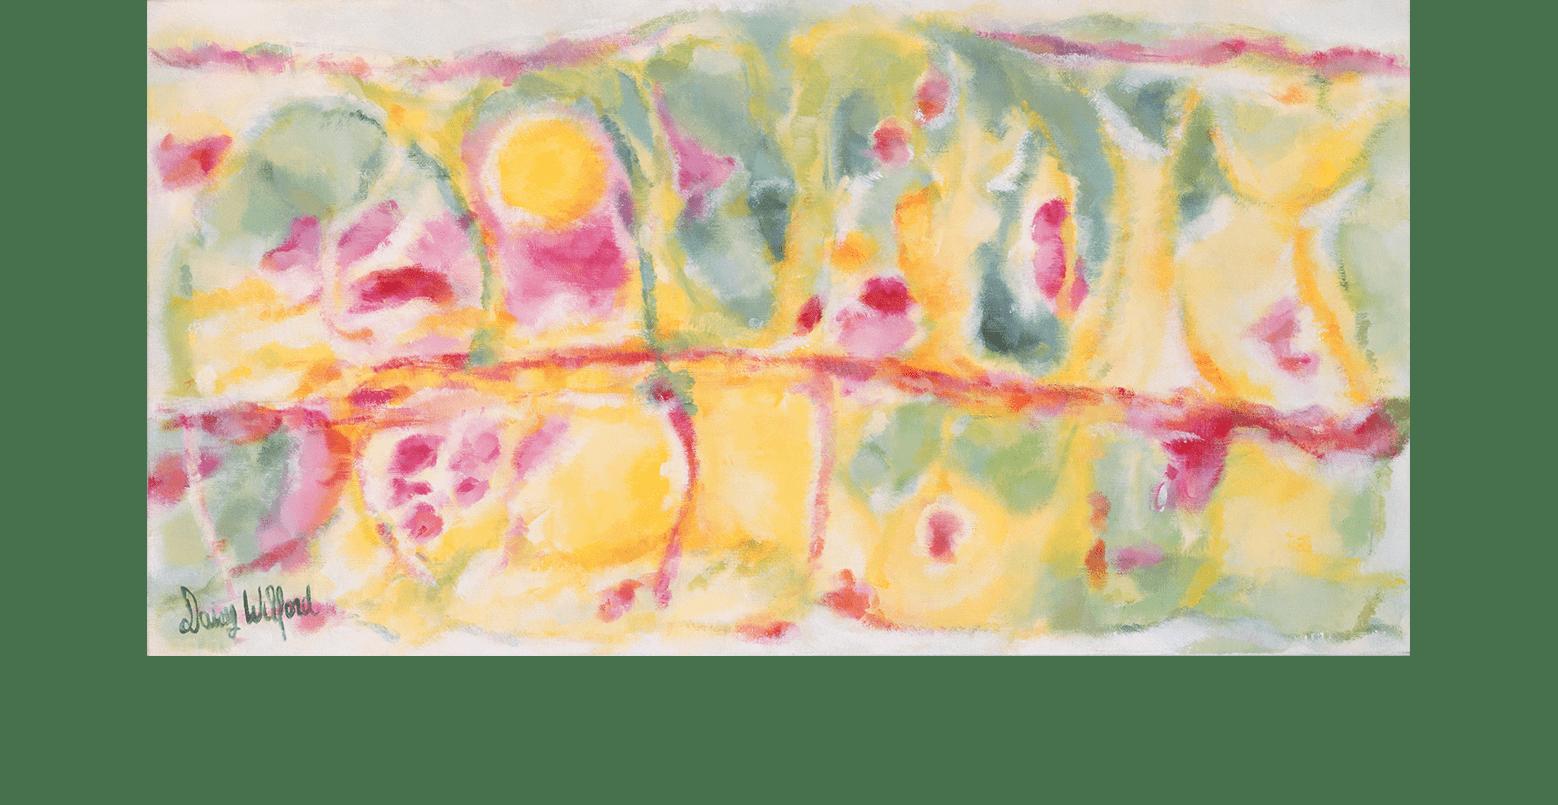 Mouvement du soleil (1986-1987)